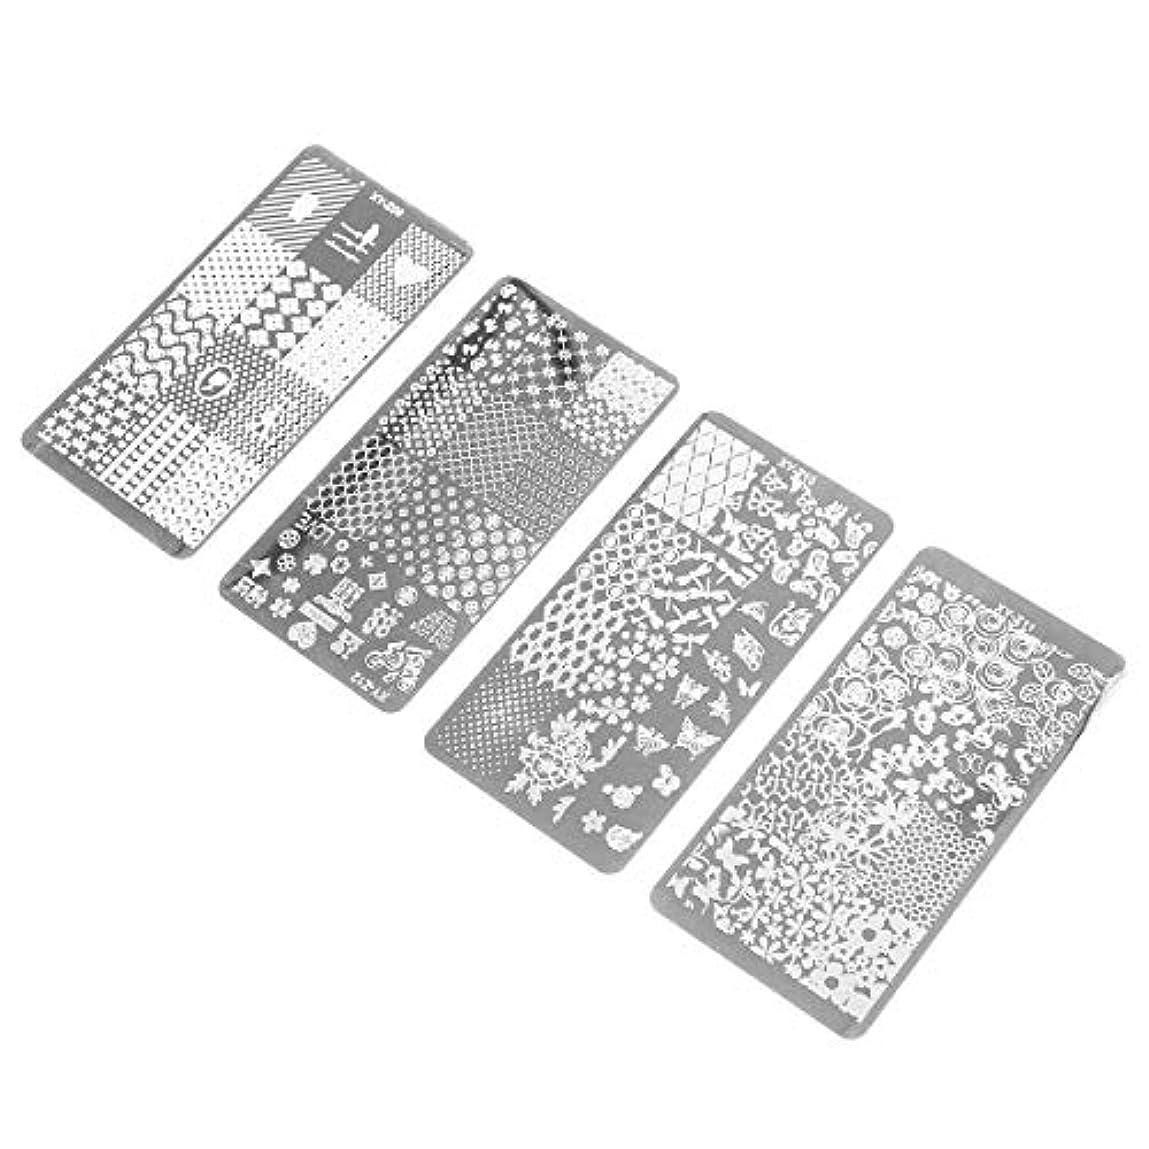 施しインポート基本的なFrcolor ネイルスタンププレート ネイルイメージプレート DIY ネイルアー動物植物 ネイルデザイン用品 ネイルアートツール